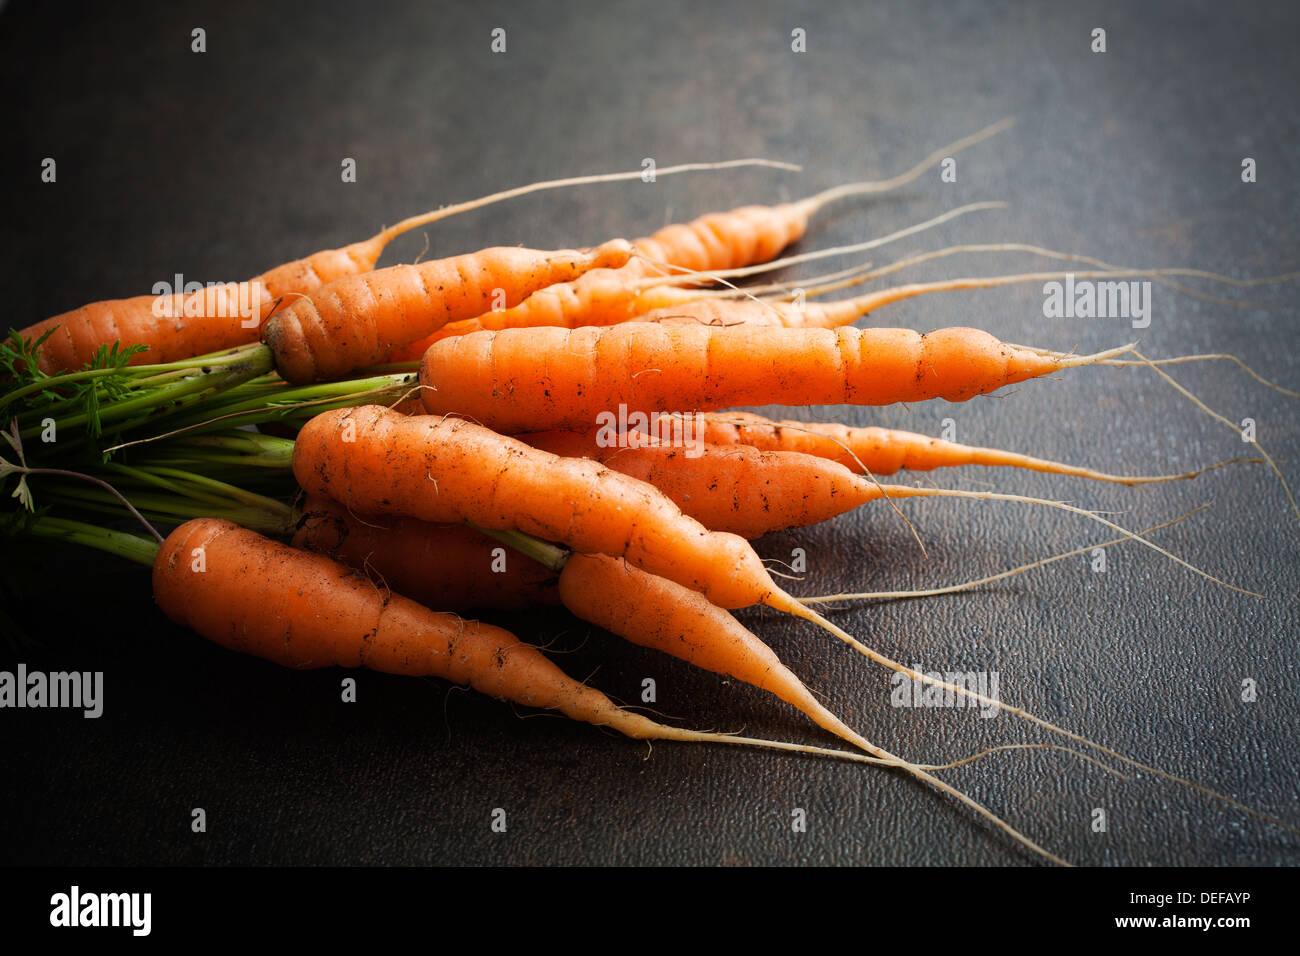 Handvoll frische Karotten auf dunklem Hintergrund Stockbild